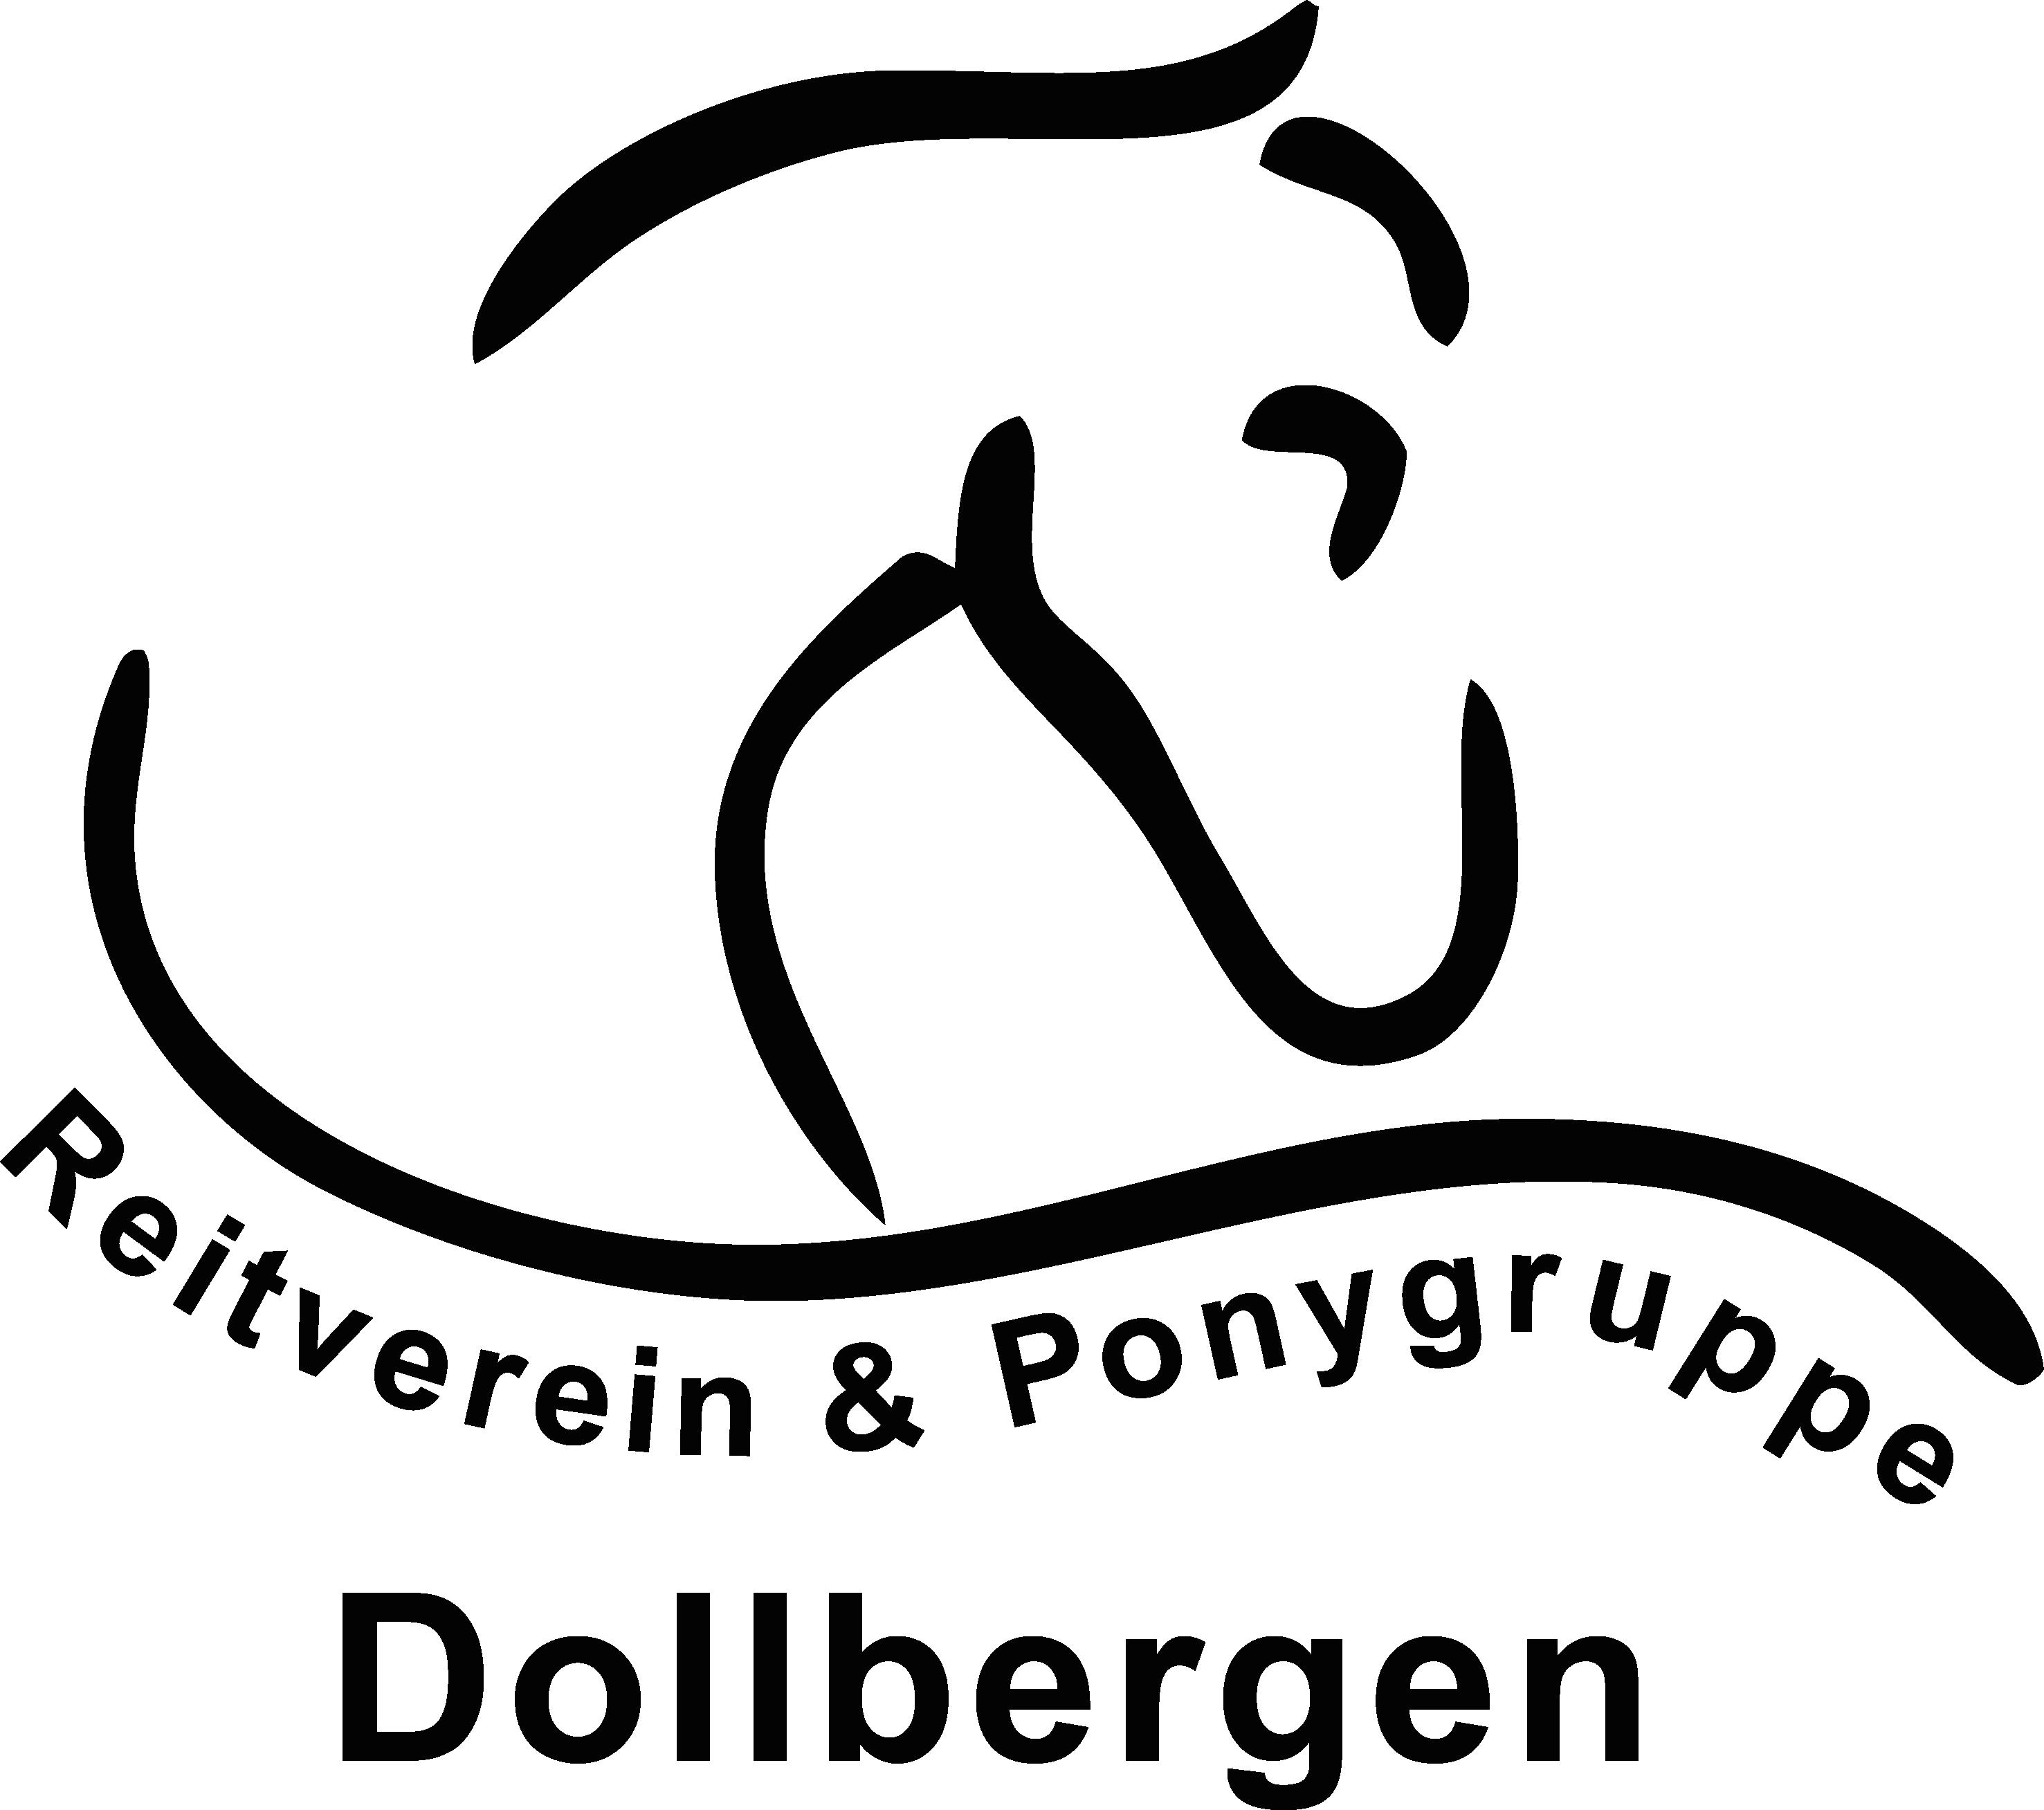 Reitverein und Ponygruppe Dollbergen e.V.